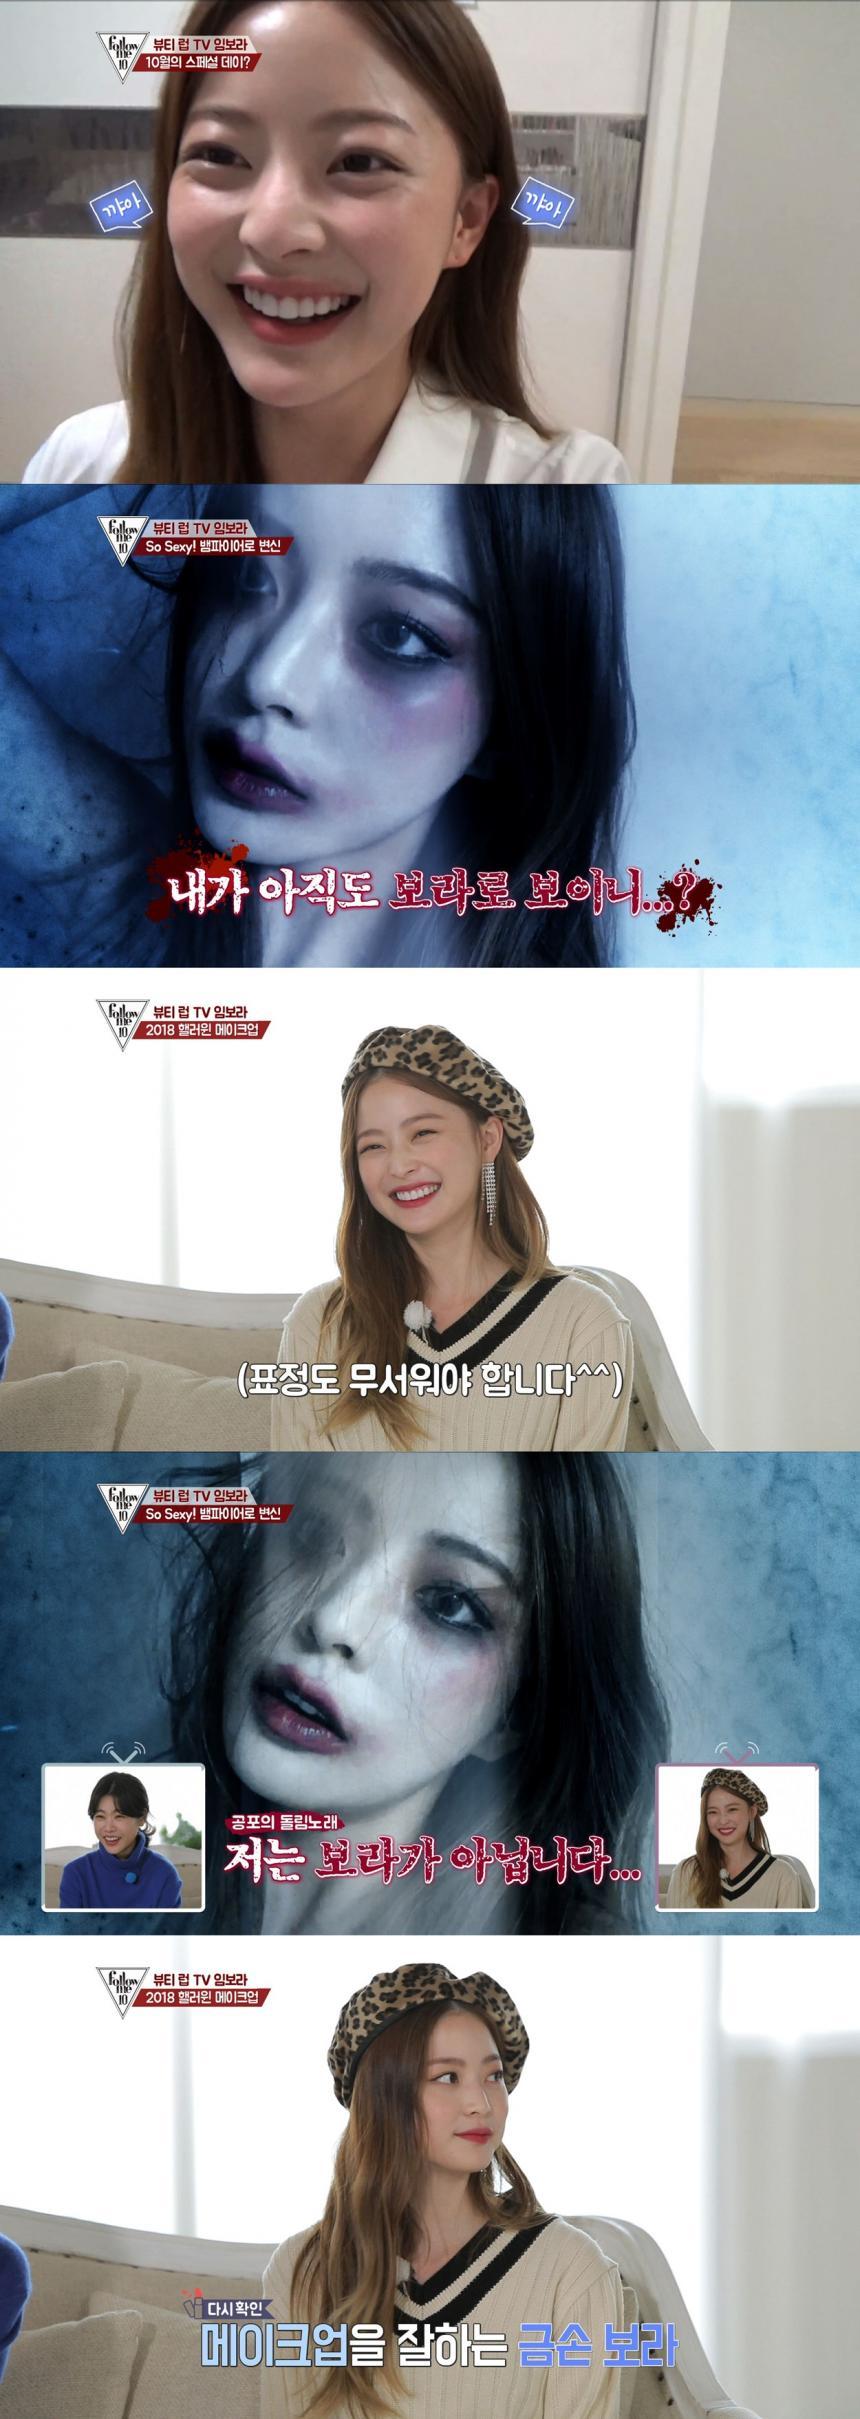 패션앤 '팔로우미 시즌10'